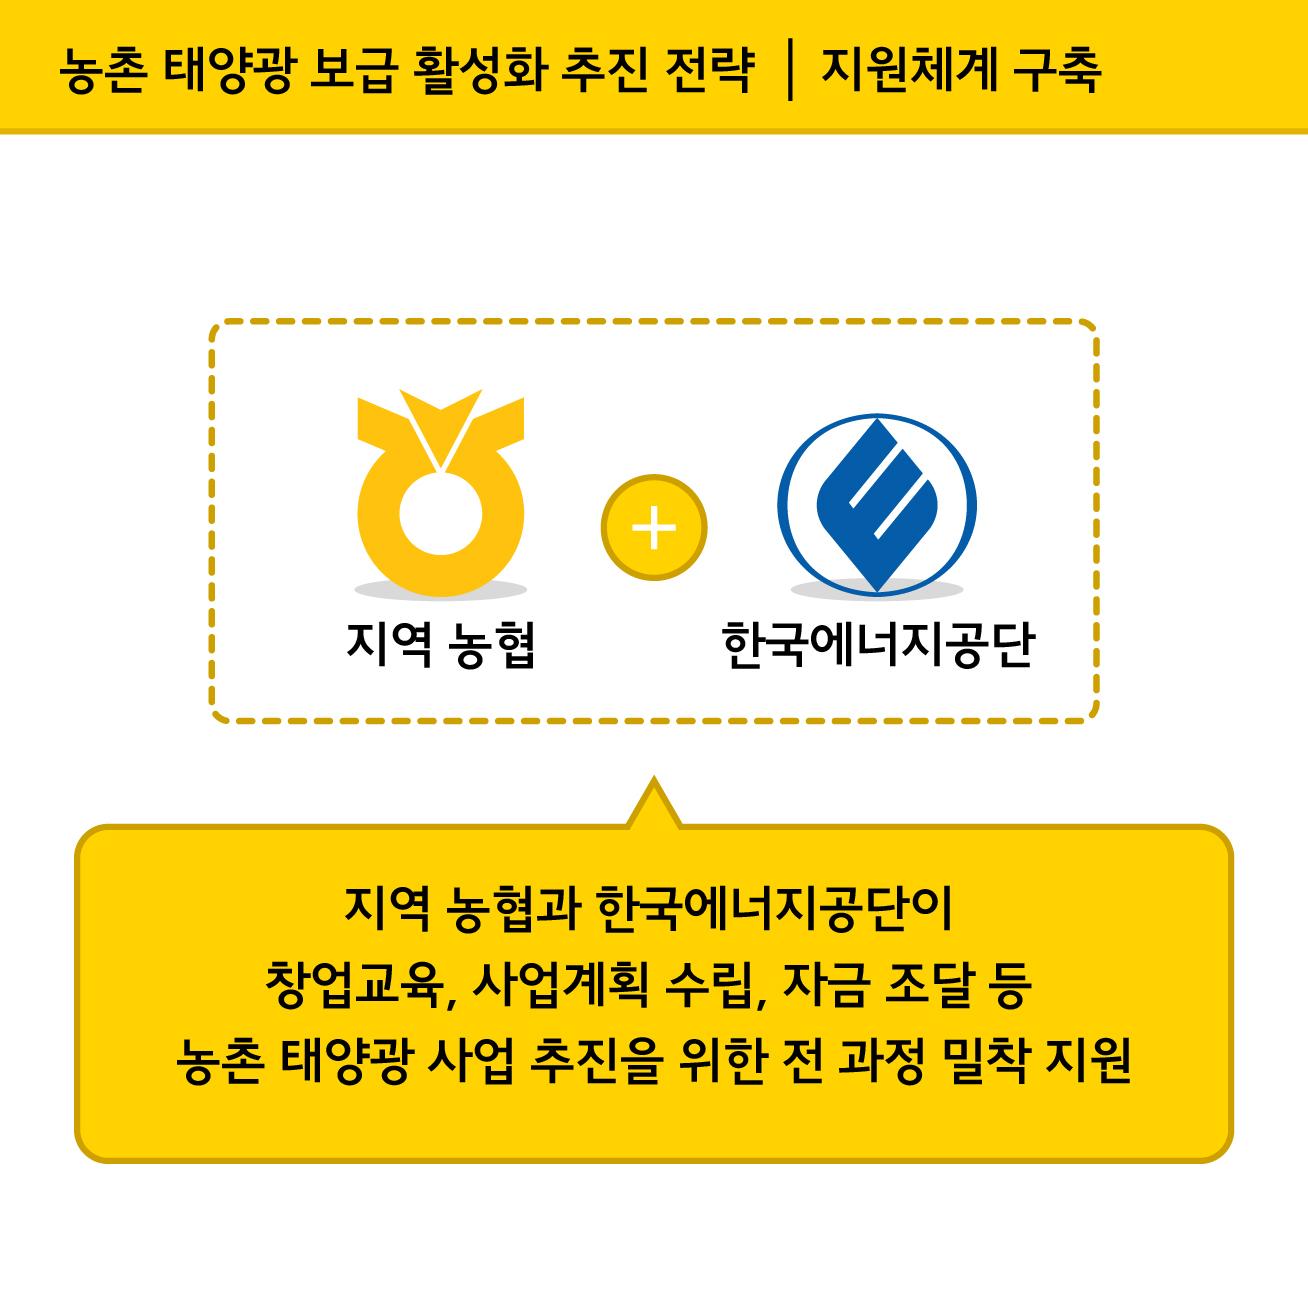 [아헤플]농촌 태양광 보급-03